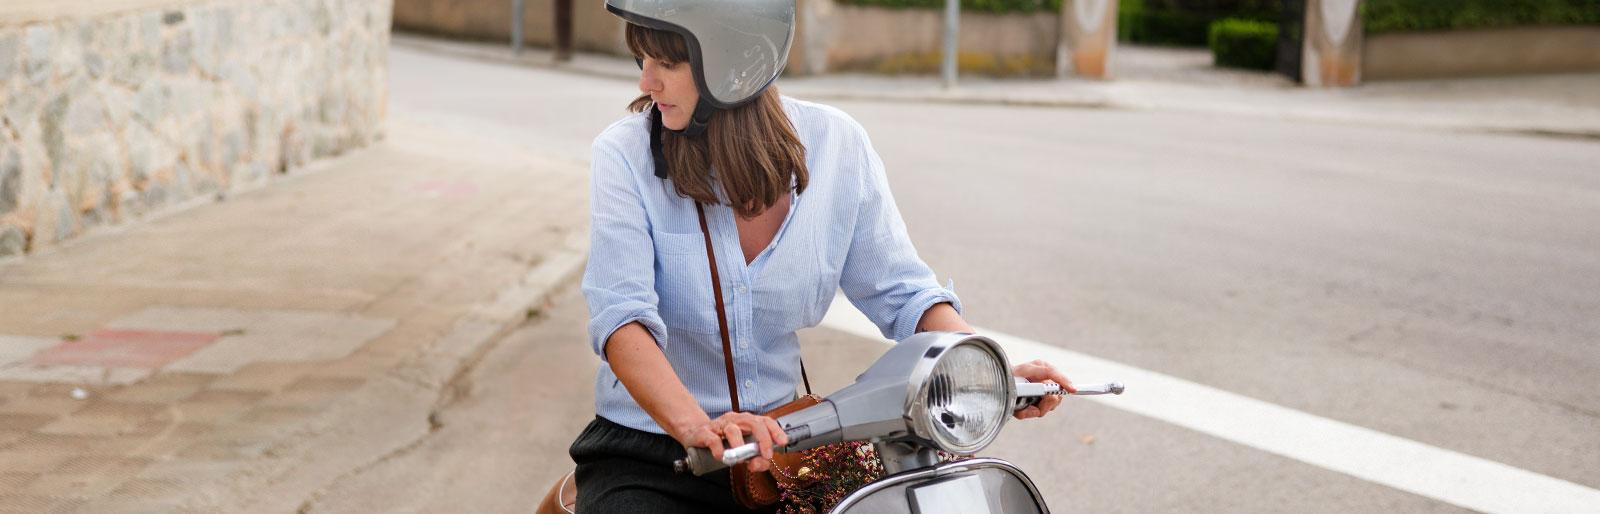 ergo mopedversicherung sofort erh ltlich schneller schadensservice ergo. Black Bedroom Furniture Sets. Home Design Ideas